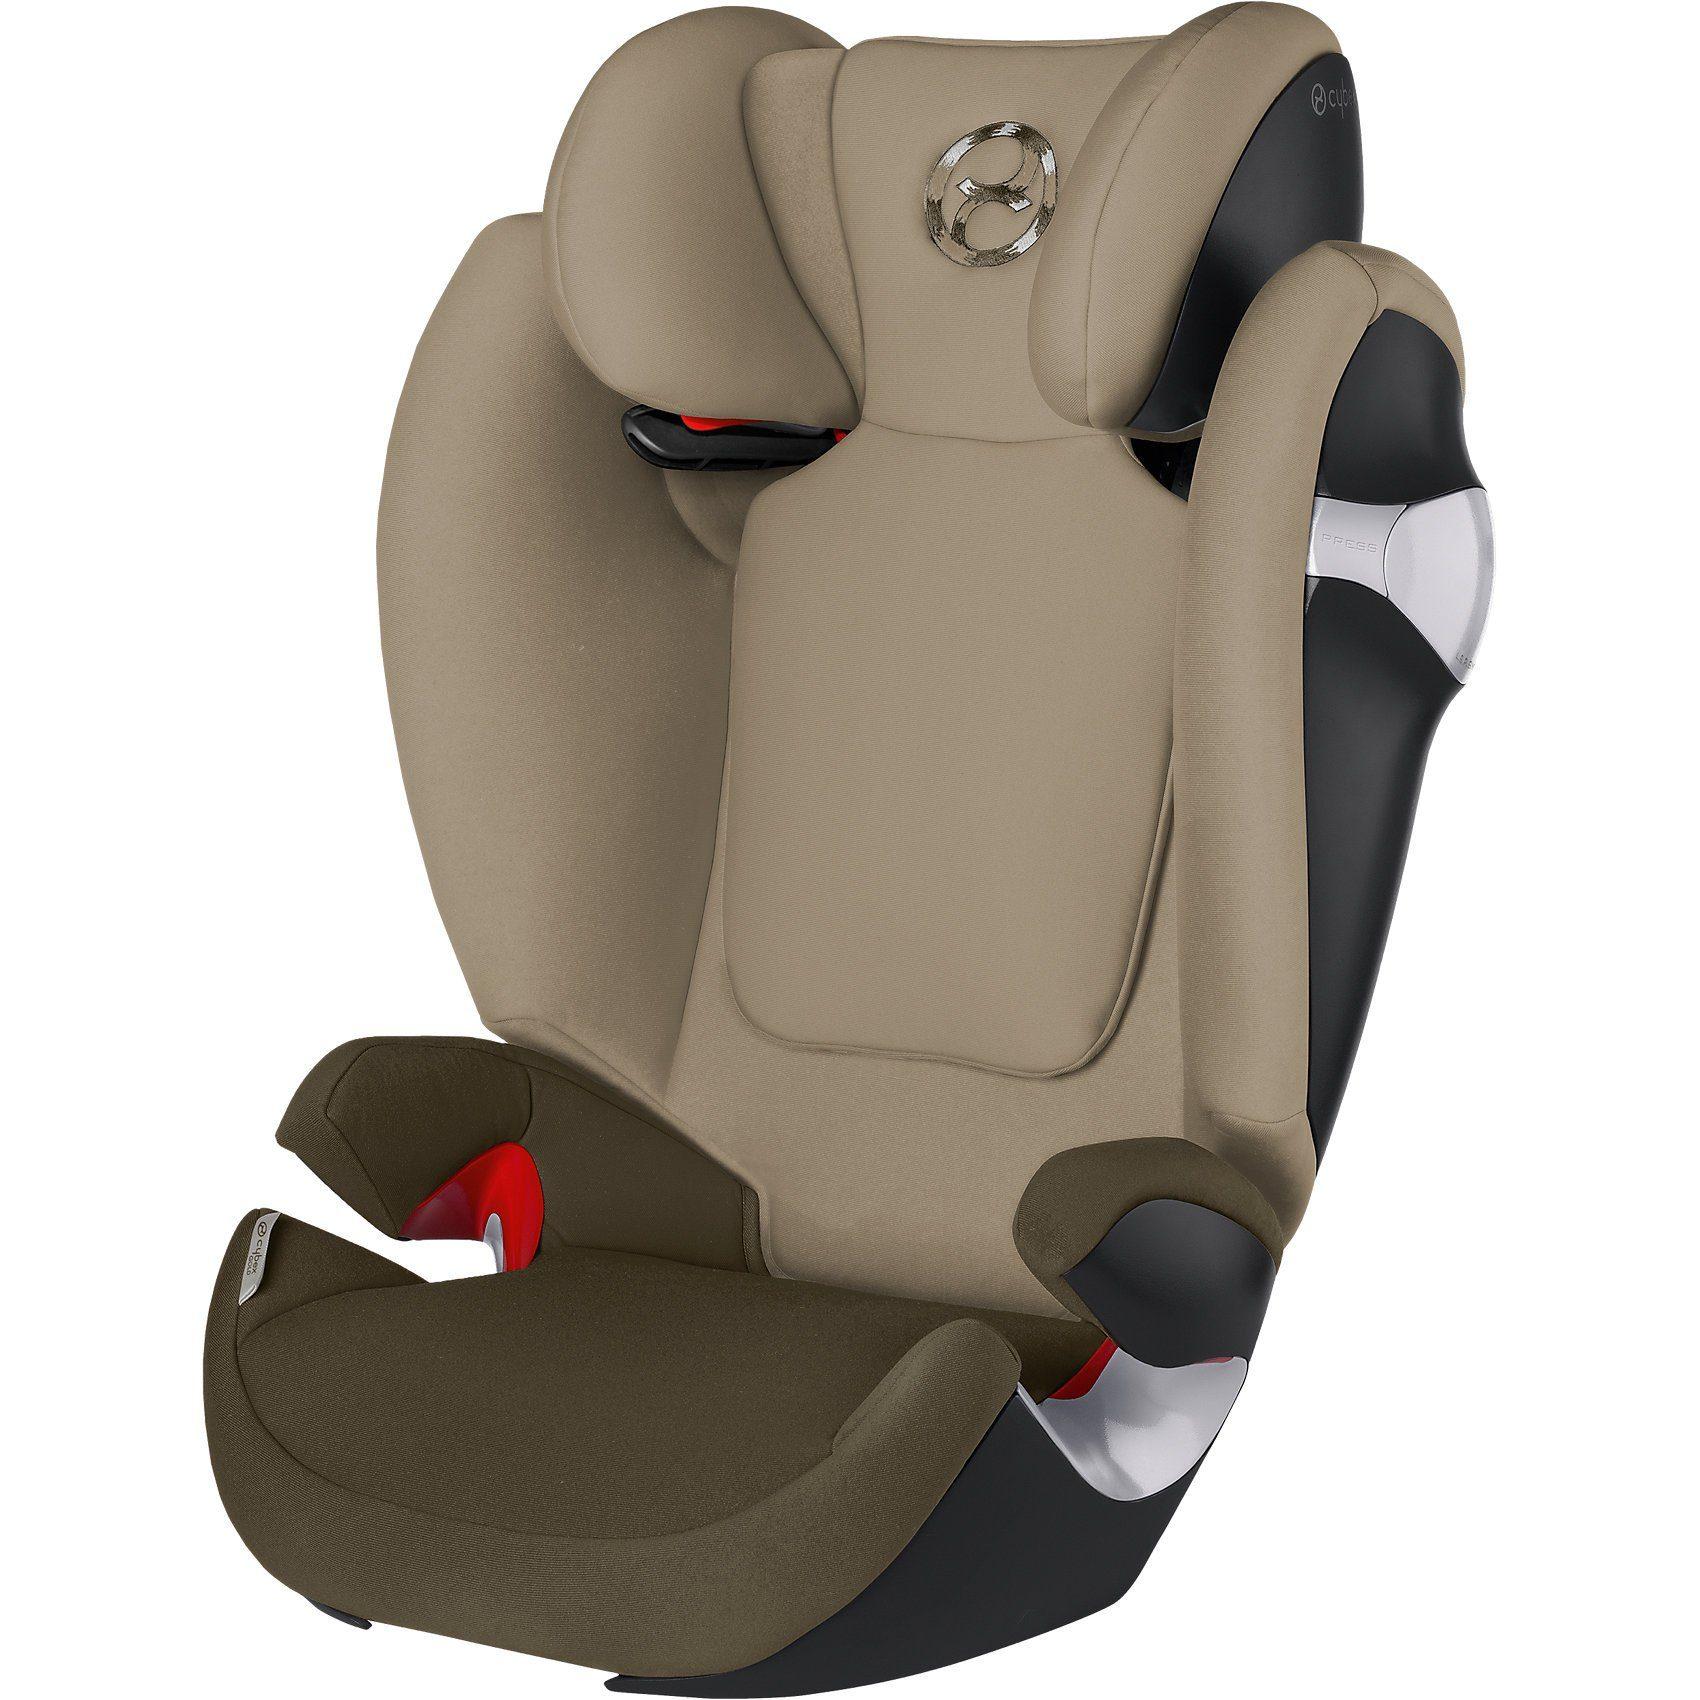 Cybex Auto-Kindersitz Solution M, Gold-Line, Olive Khaki-Khaki, 20